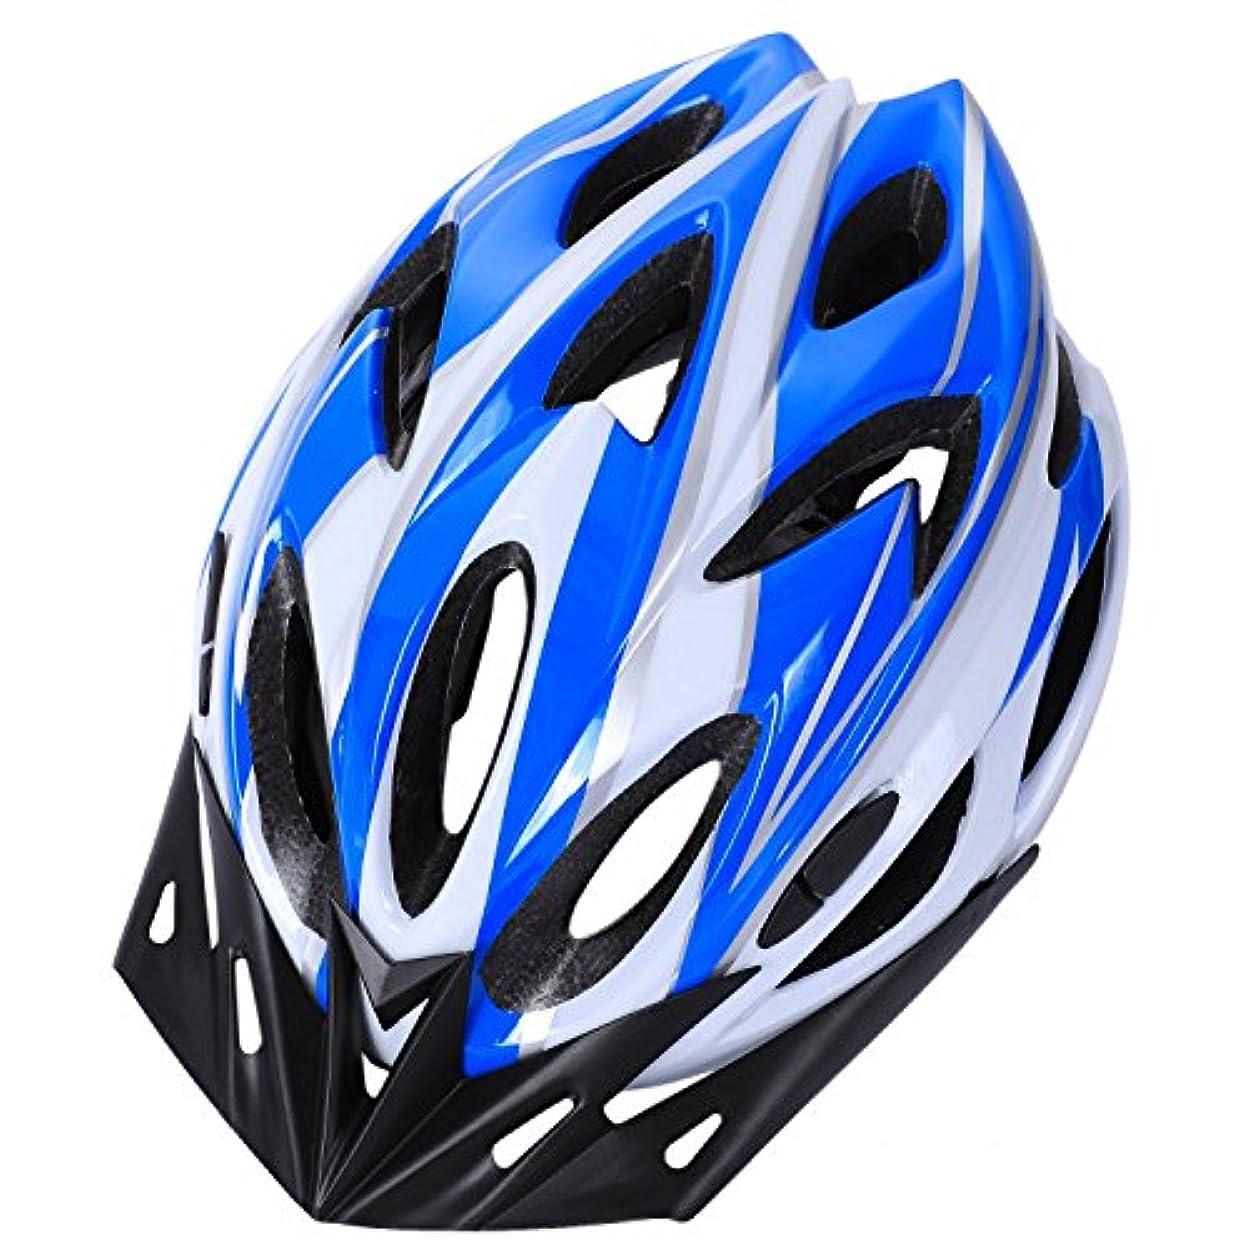 港耐えられない教Semoic 自転車ヘルメットMTBサイクリングアダルトユニセックス安全ヘルメット(青+白)